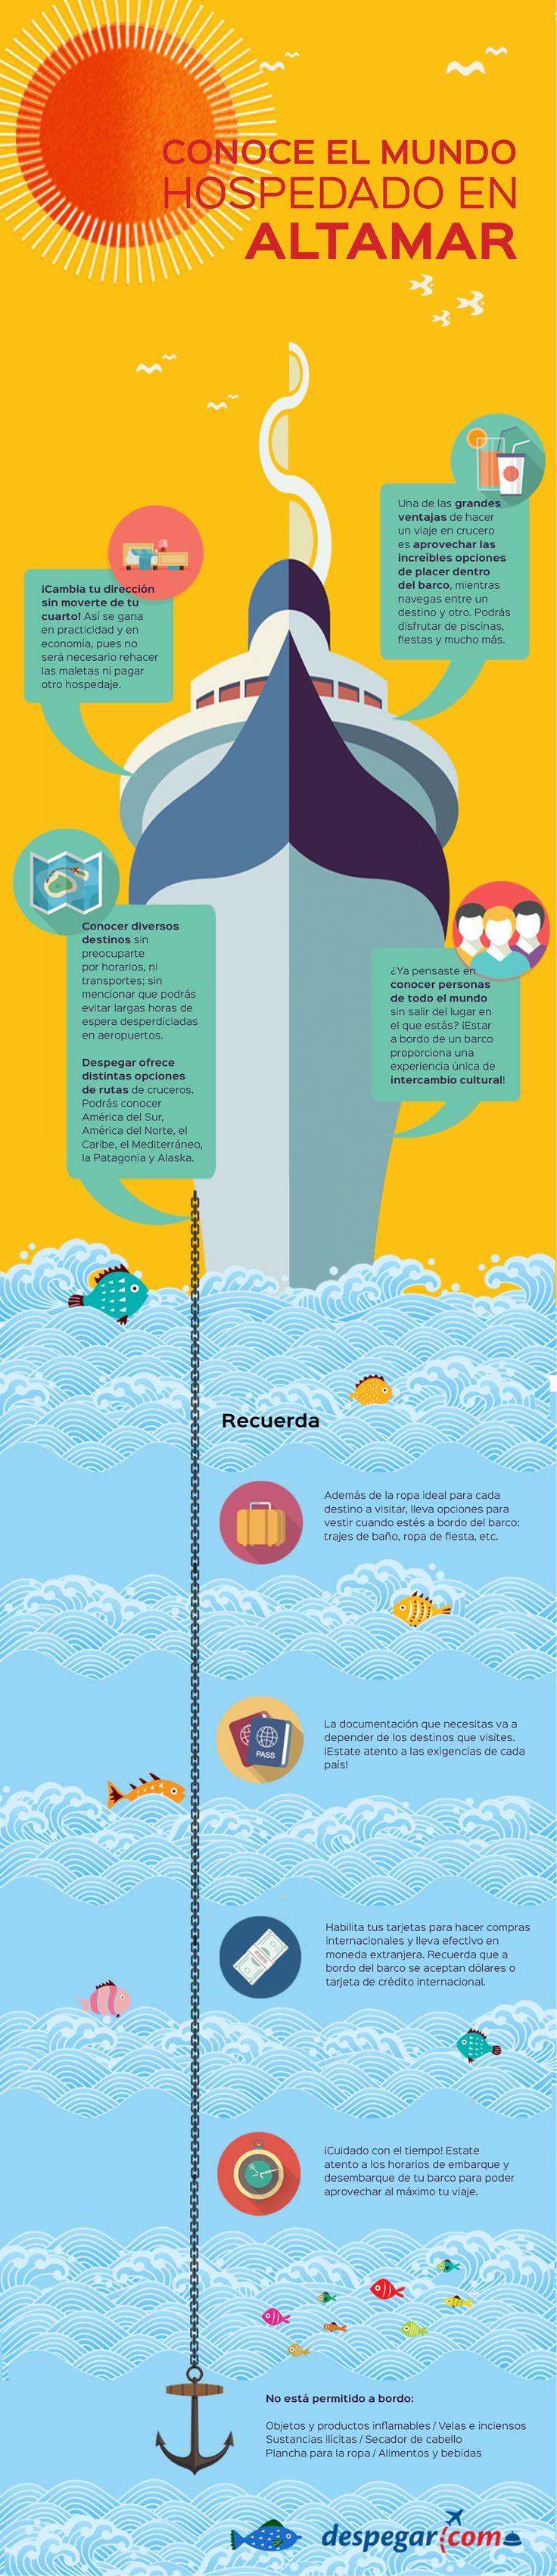 Si te gusta #viajar puedes optar por hacer un #viaje en un #crucero!! #Despegar te trae todos los tips en esta #infografia para viajar en #crucero de la mejor forma #trip #cruise #infographic #travel #despegar #viajar